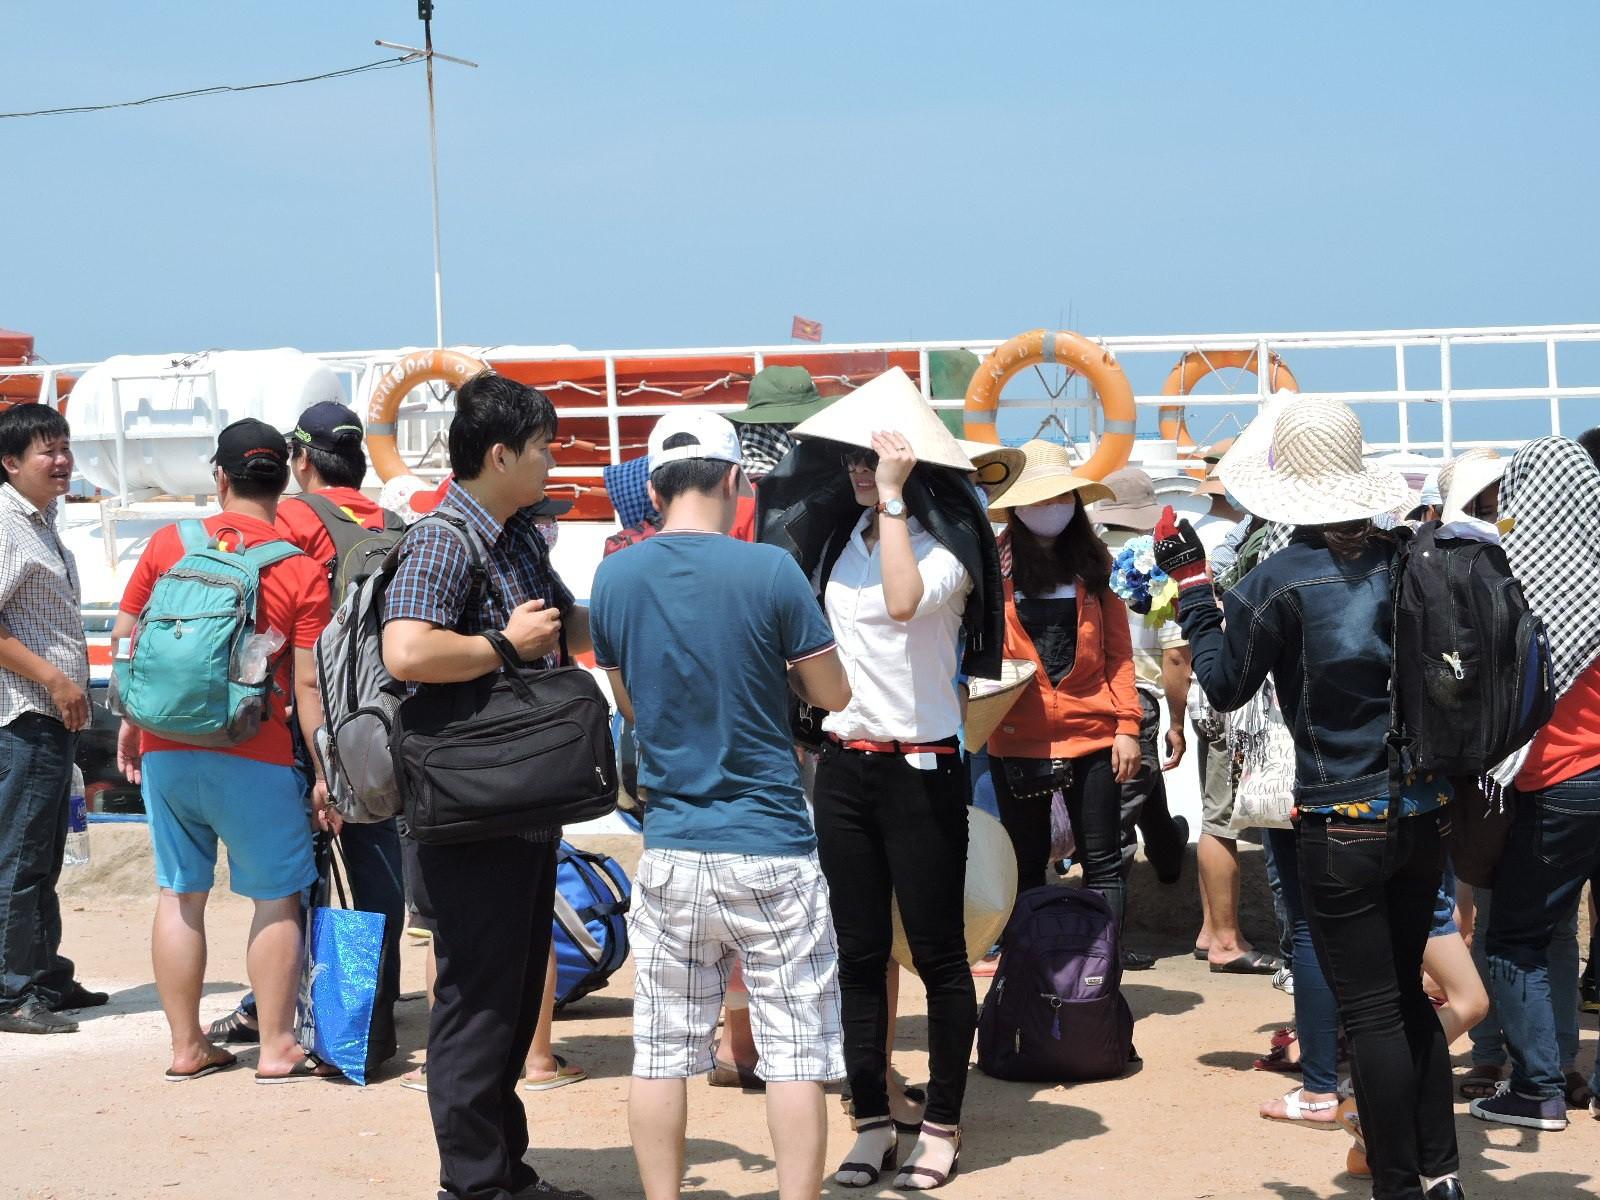 Dự kiến có 7.000 du khách đến với Lý Sơn trong kỳ nghỉ lễ sắp tới